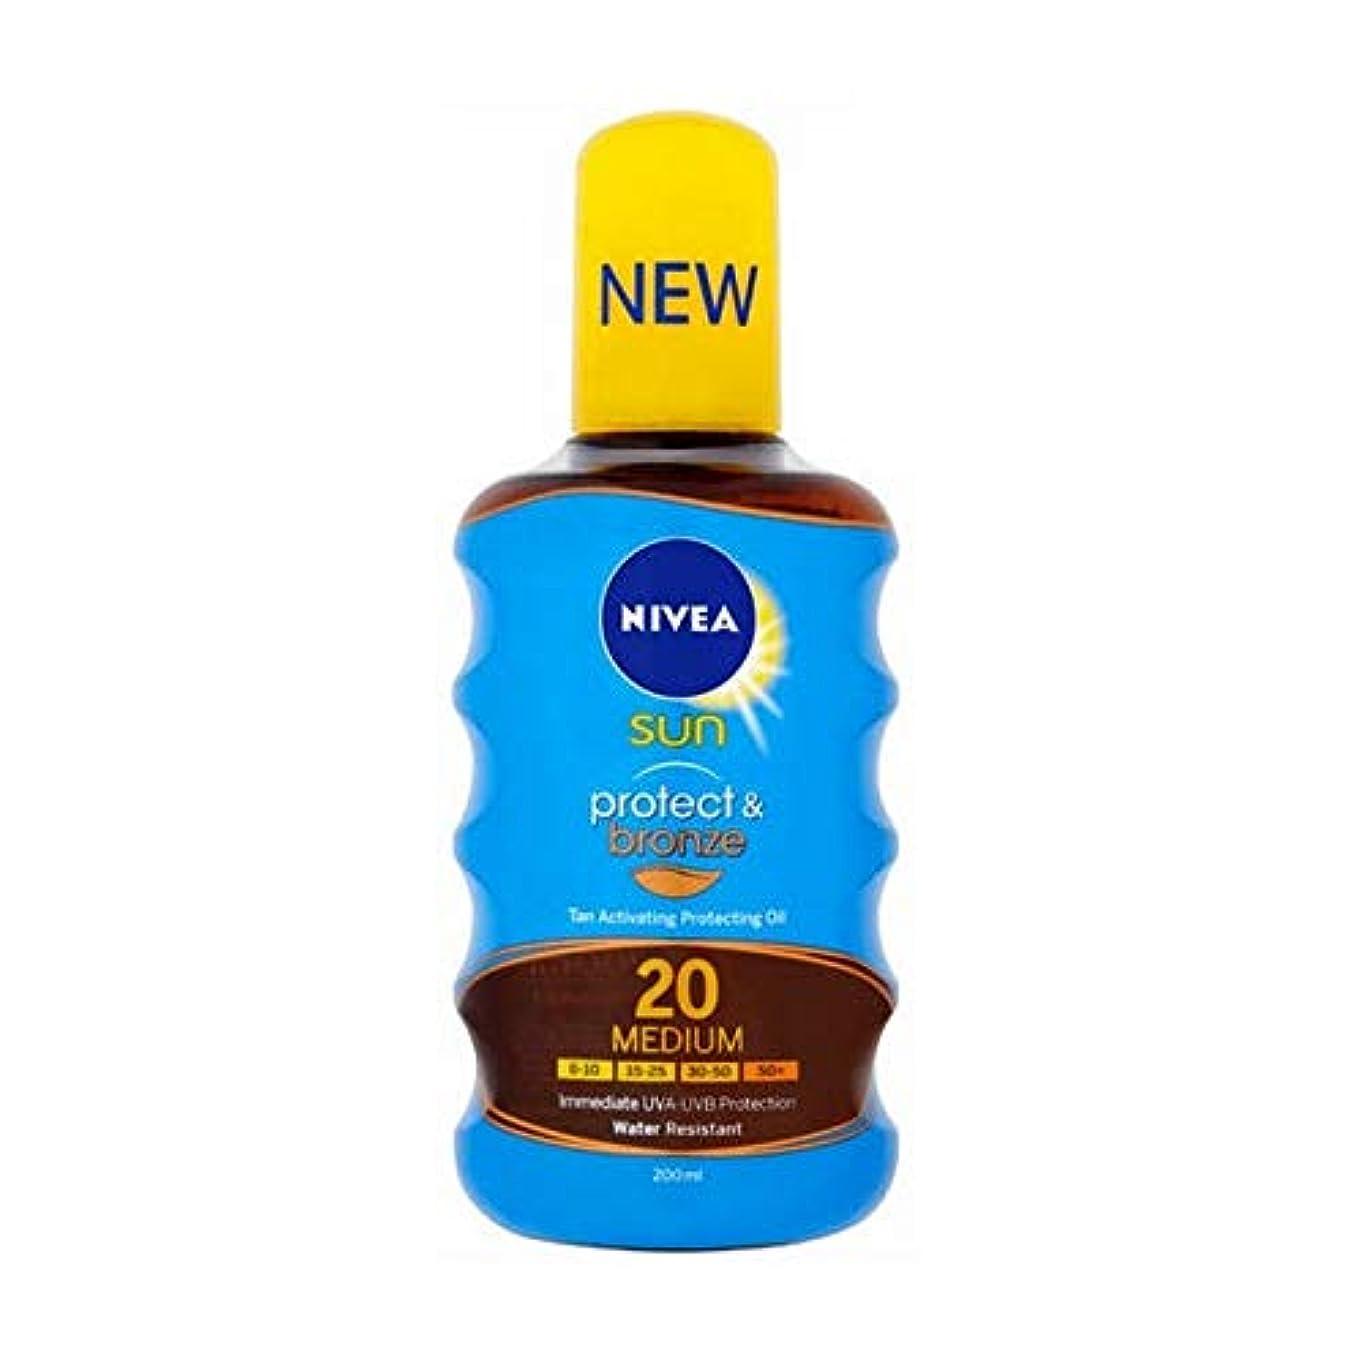 写真撮影マルクス主義バズ[Nivea ] ニベア日焼けオイルSpf20プロテクト&ブロンズ200ミリリットル活性化 - NIVEA SUN Tan Activating Oil SPF20 Protect&Bronze 200ml [並行輸入品]